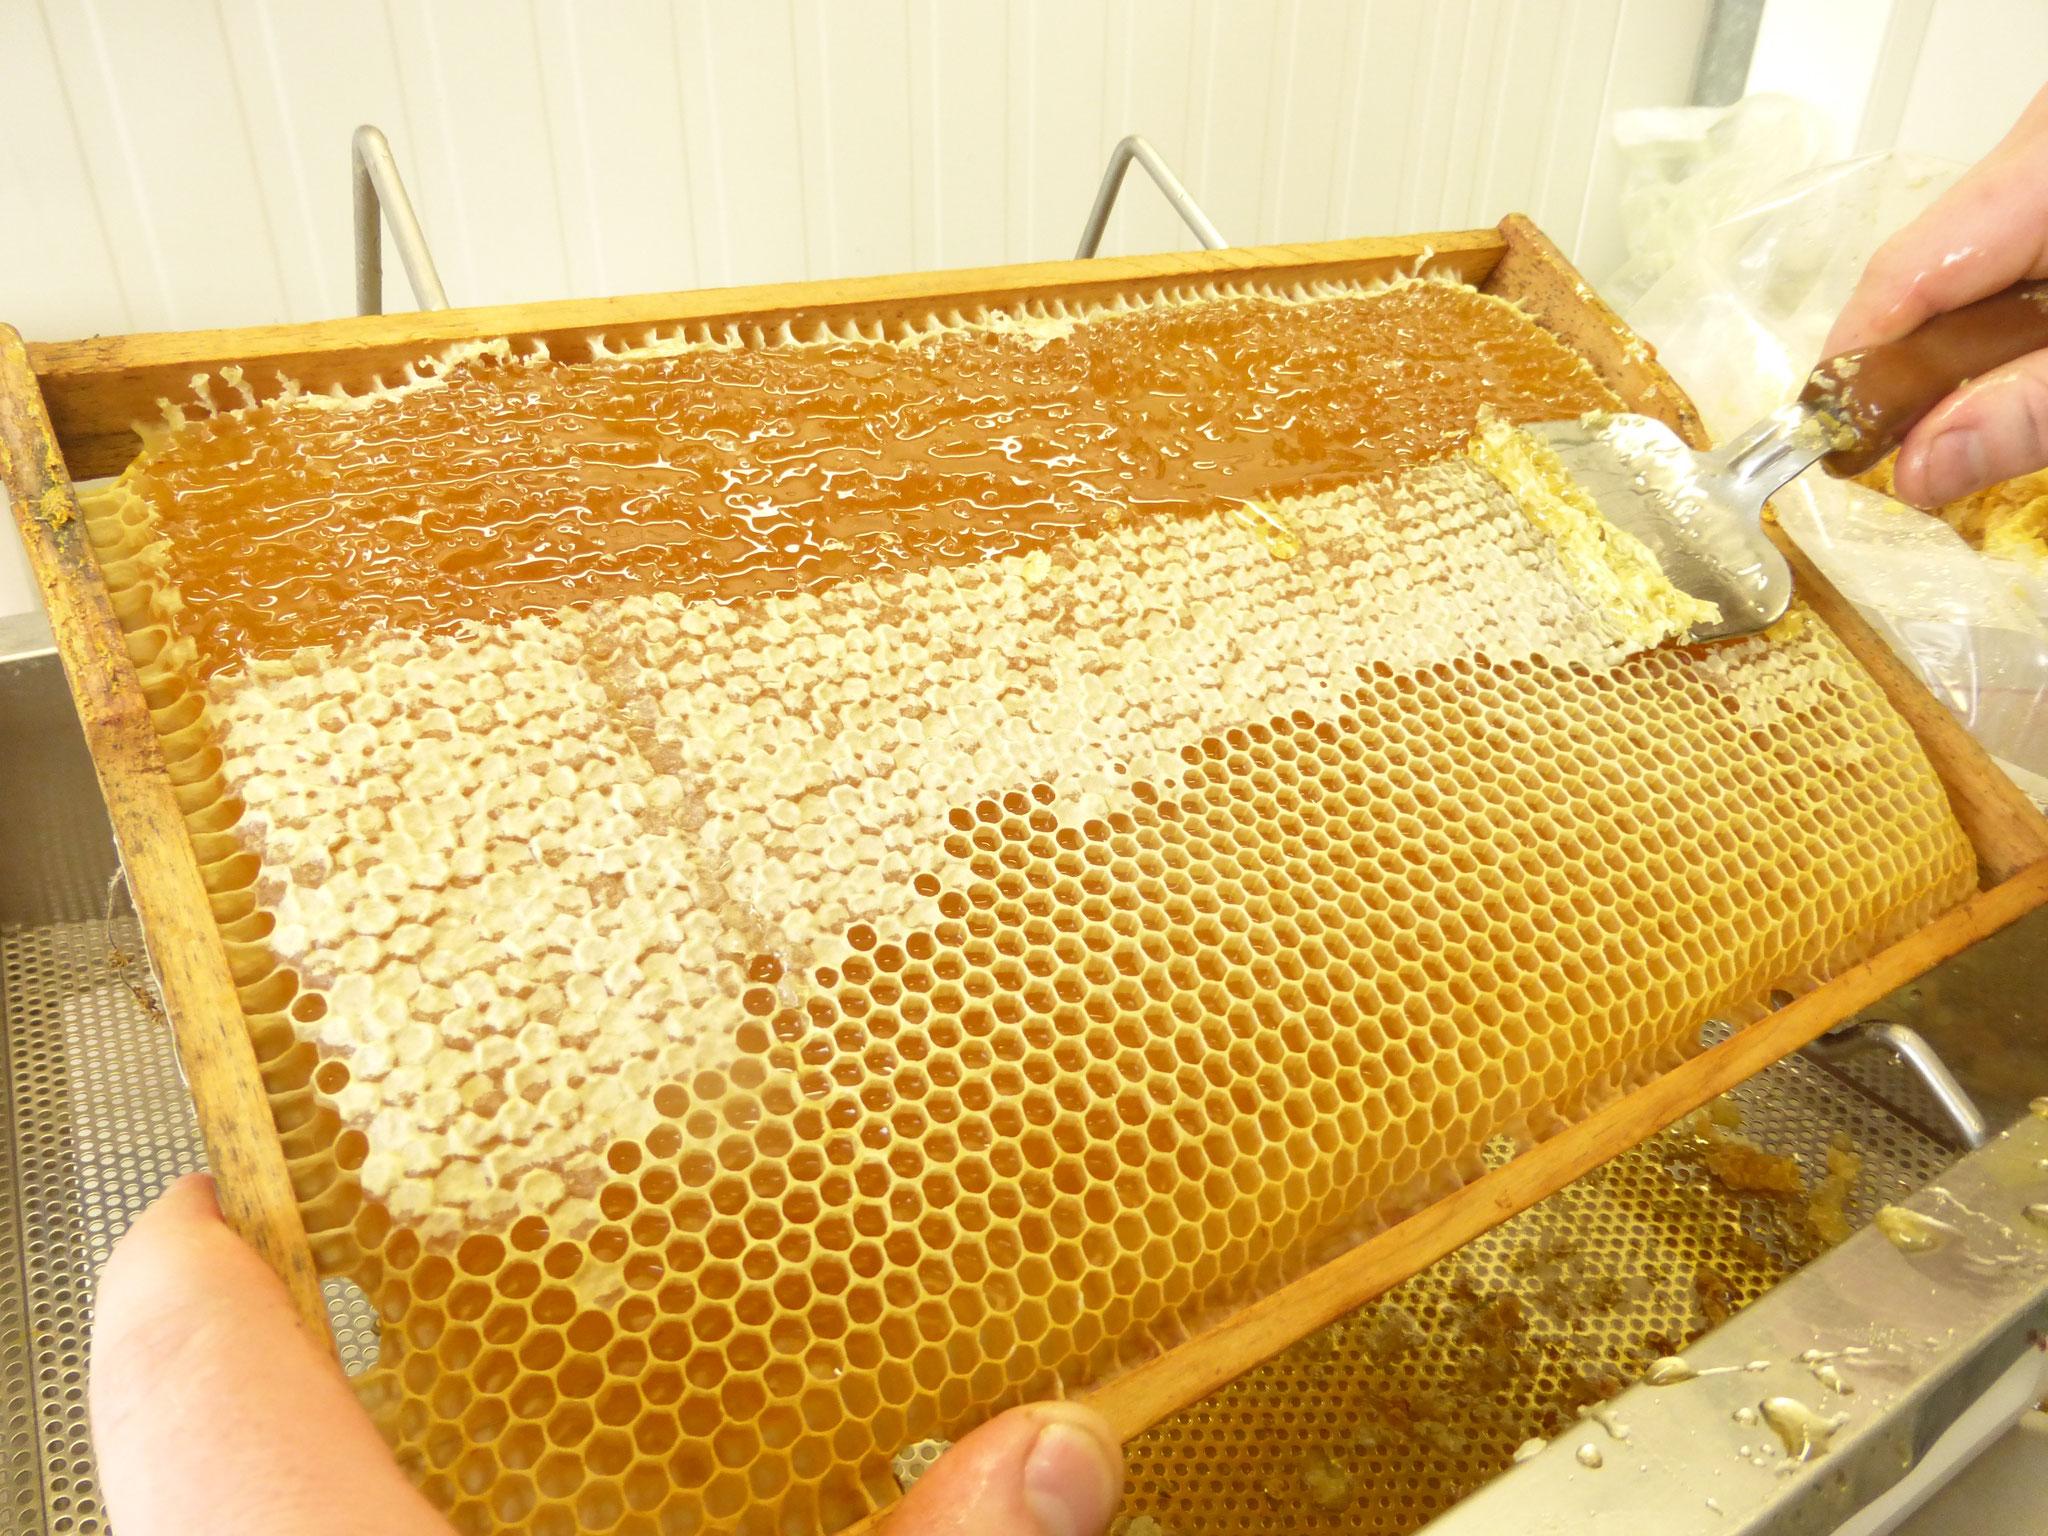 """Eine Wabe wird """"entdeckelt"""". Nach dem """"entdeckeln"""" kann der Honig aus der Wabe herausgeschleudert werden."""